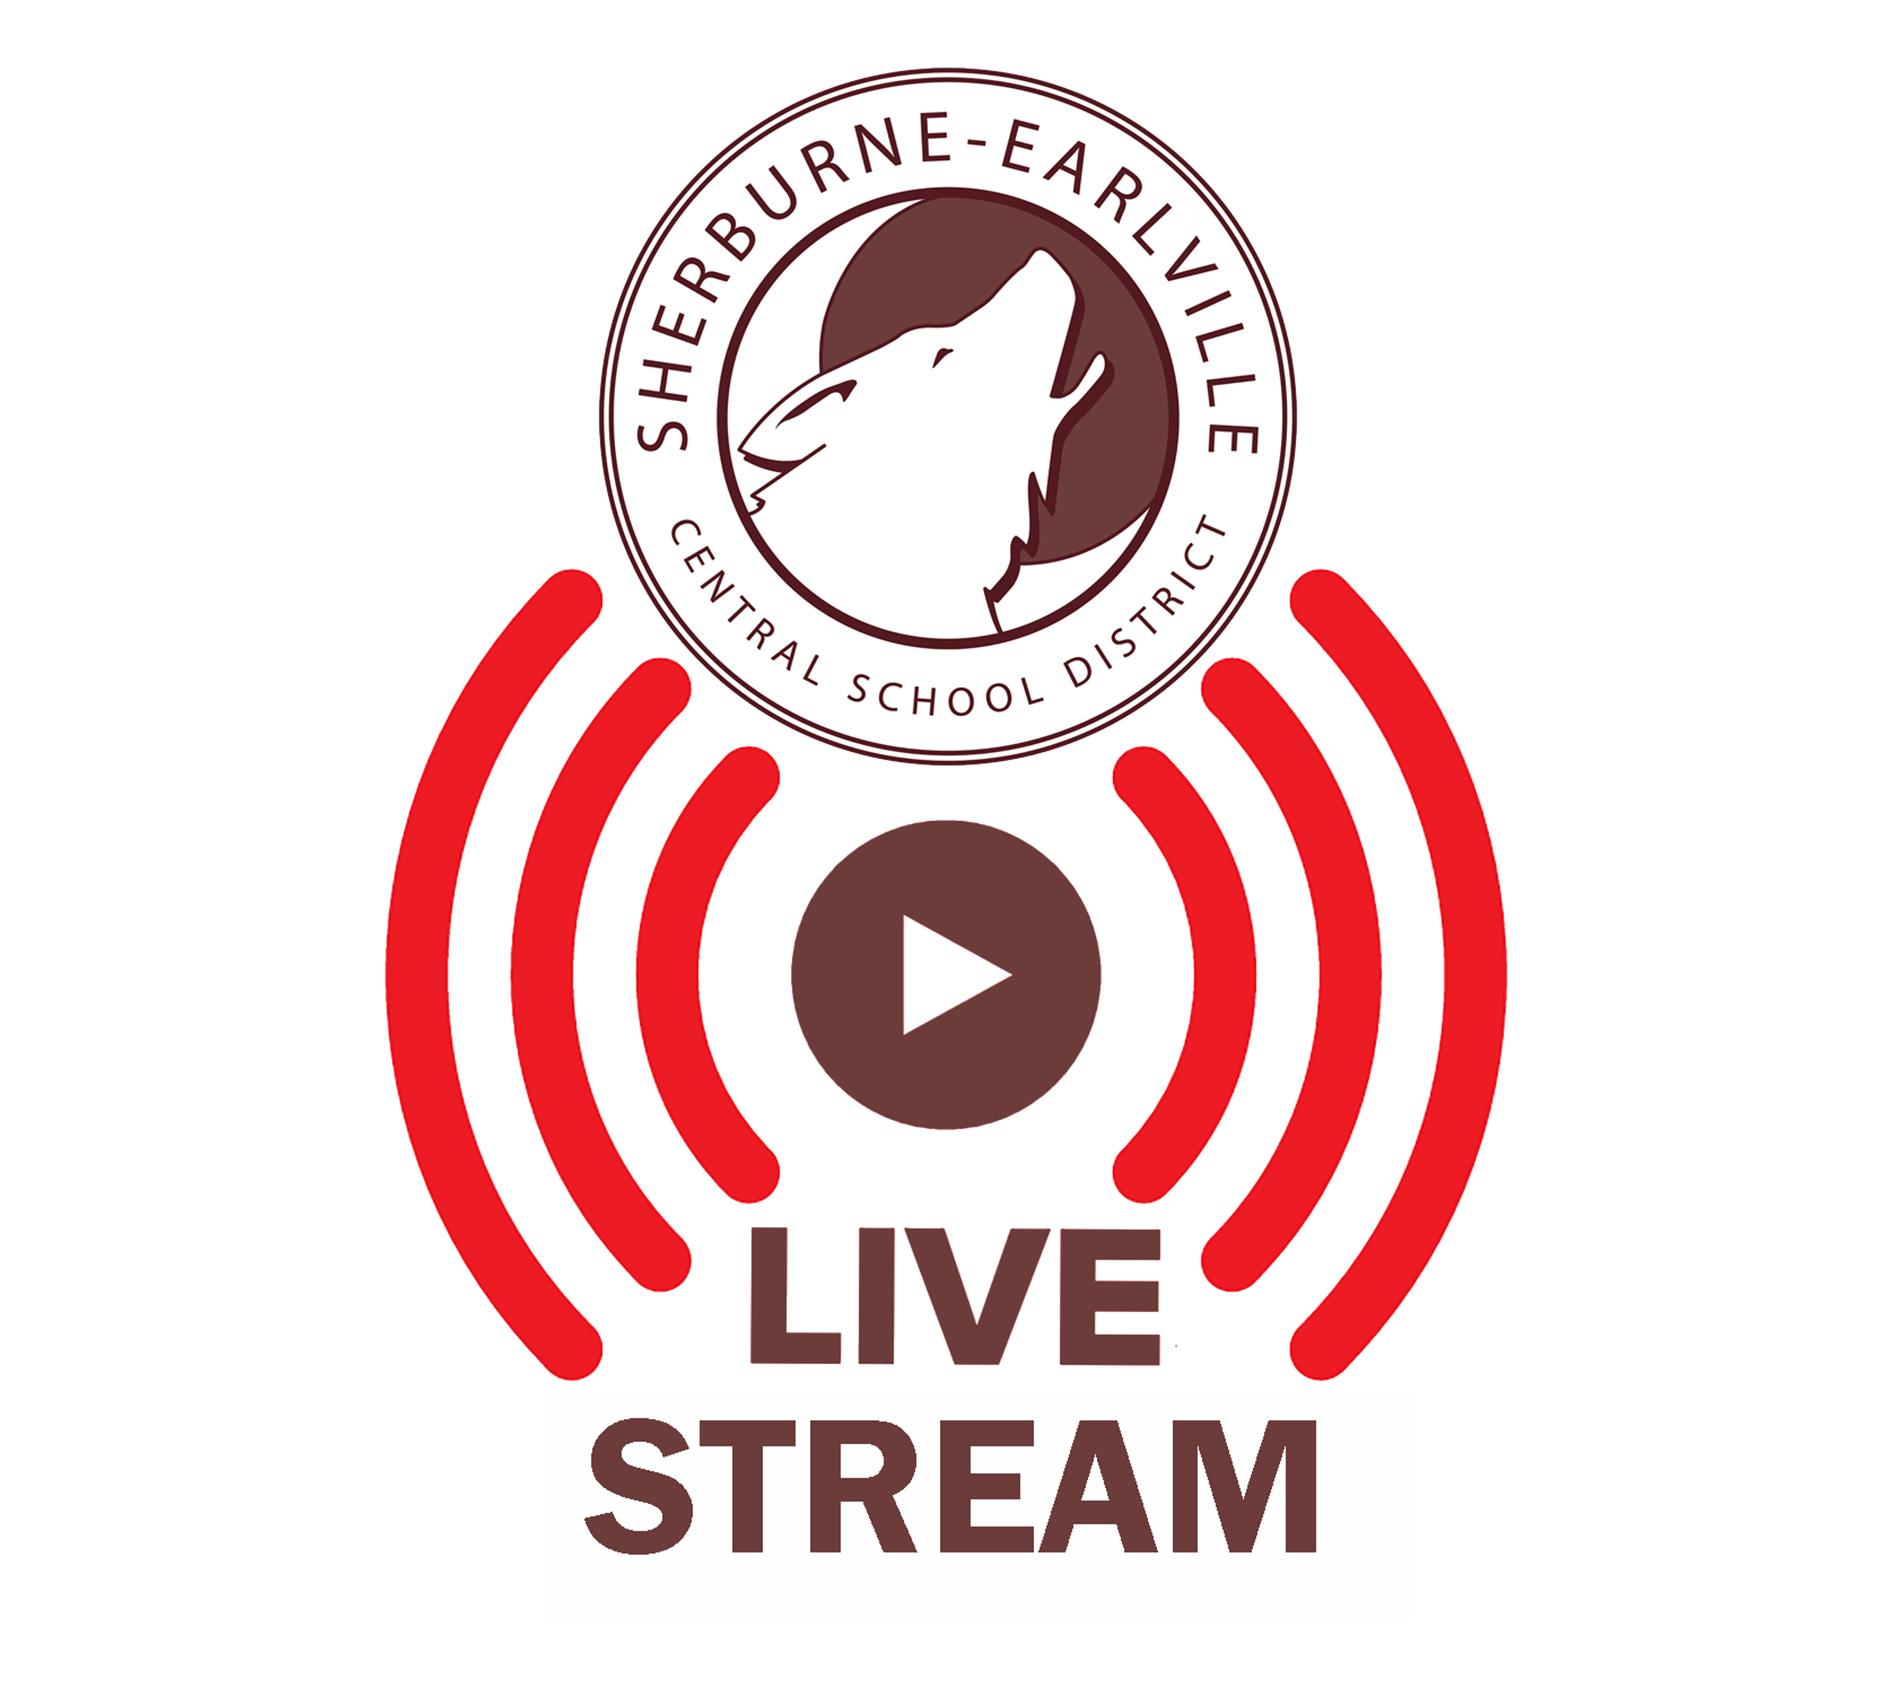 SE Live Stream logo